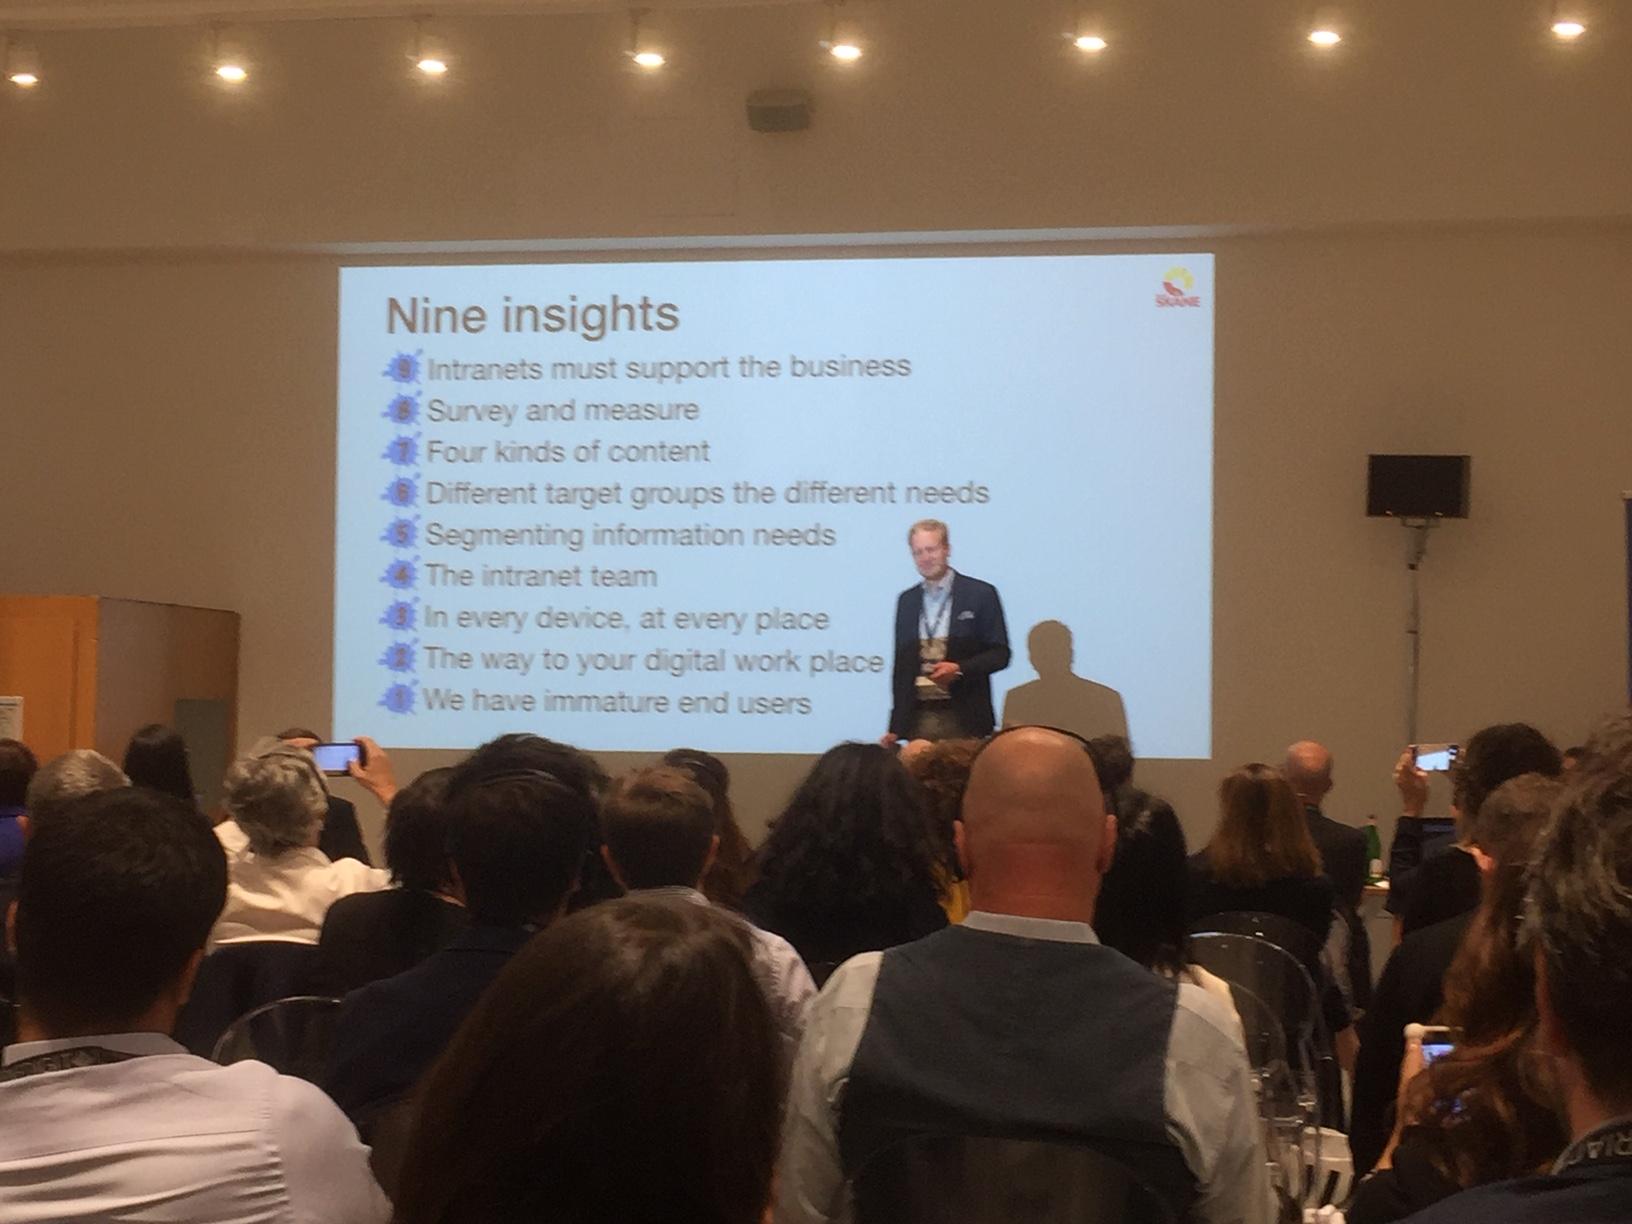 Jesper Bylund aus Schweden präsentierte seine Erkenntnisse aus einem grossen regionalen Intranet für die öffentliche Hand.